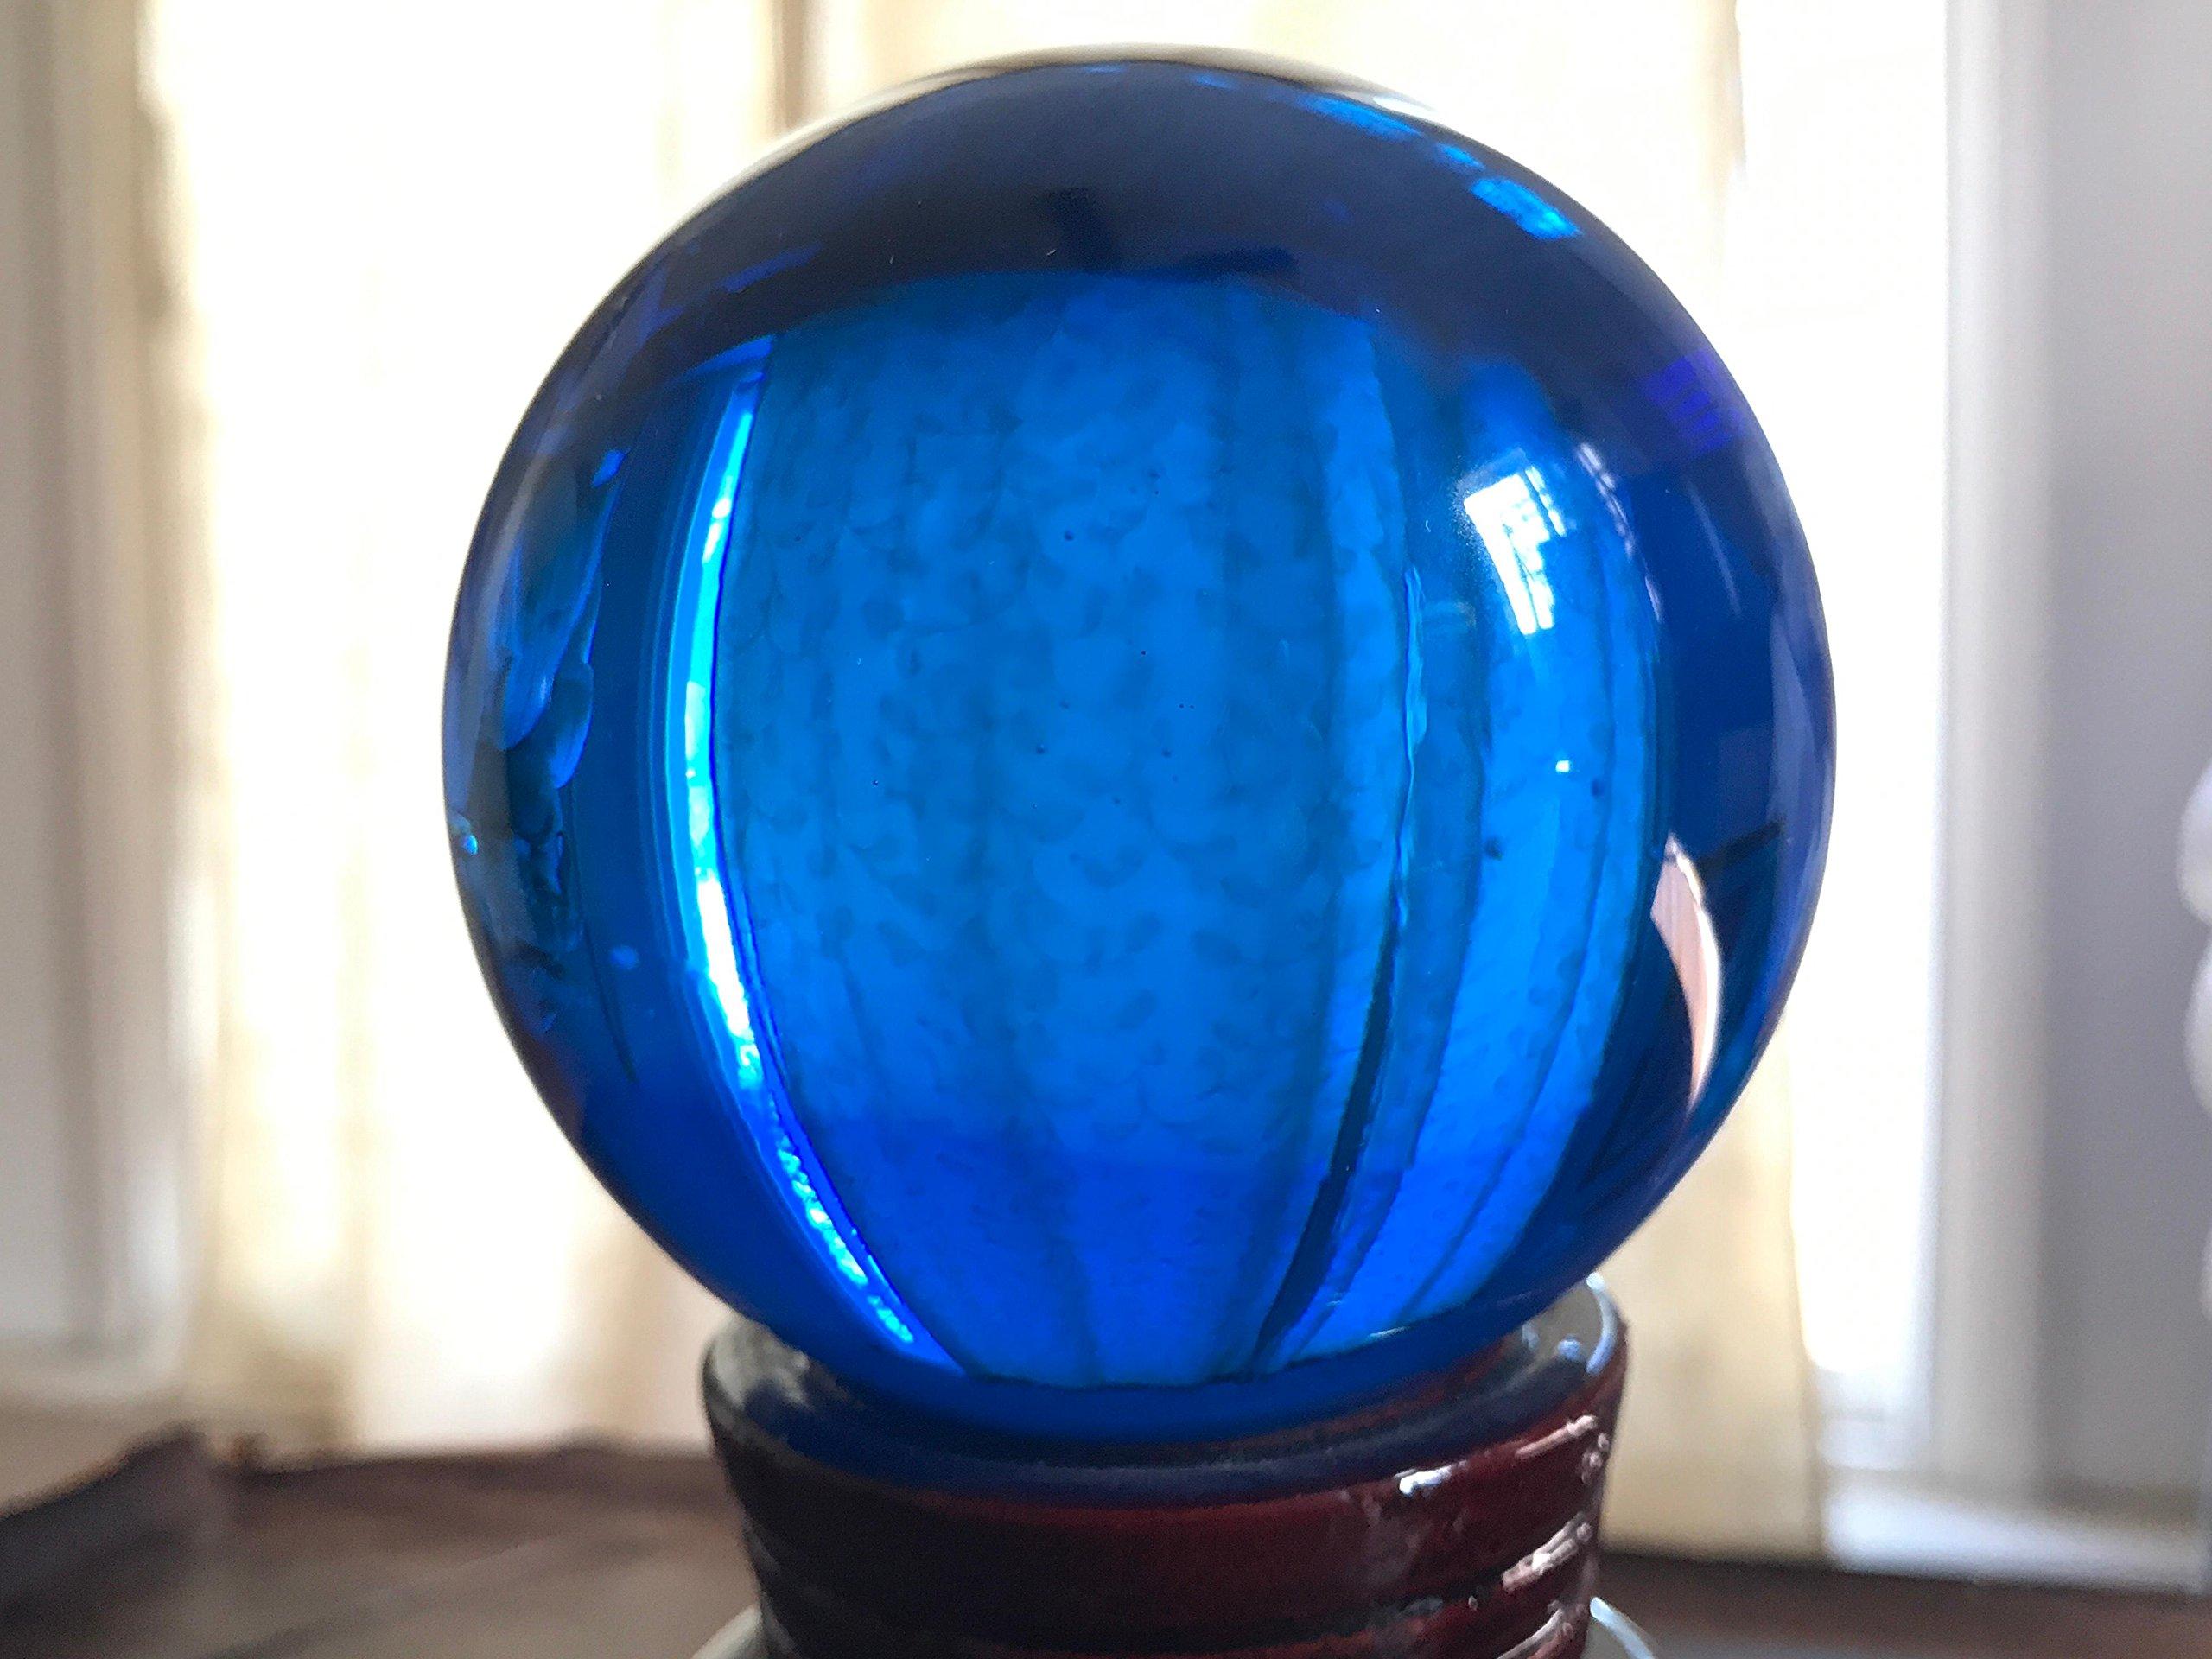 Fengshui Meditation Crystal Ball Healing Crystals 70MM by Sunrise Crystal (Dark Blue)